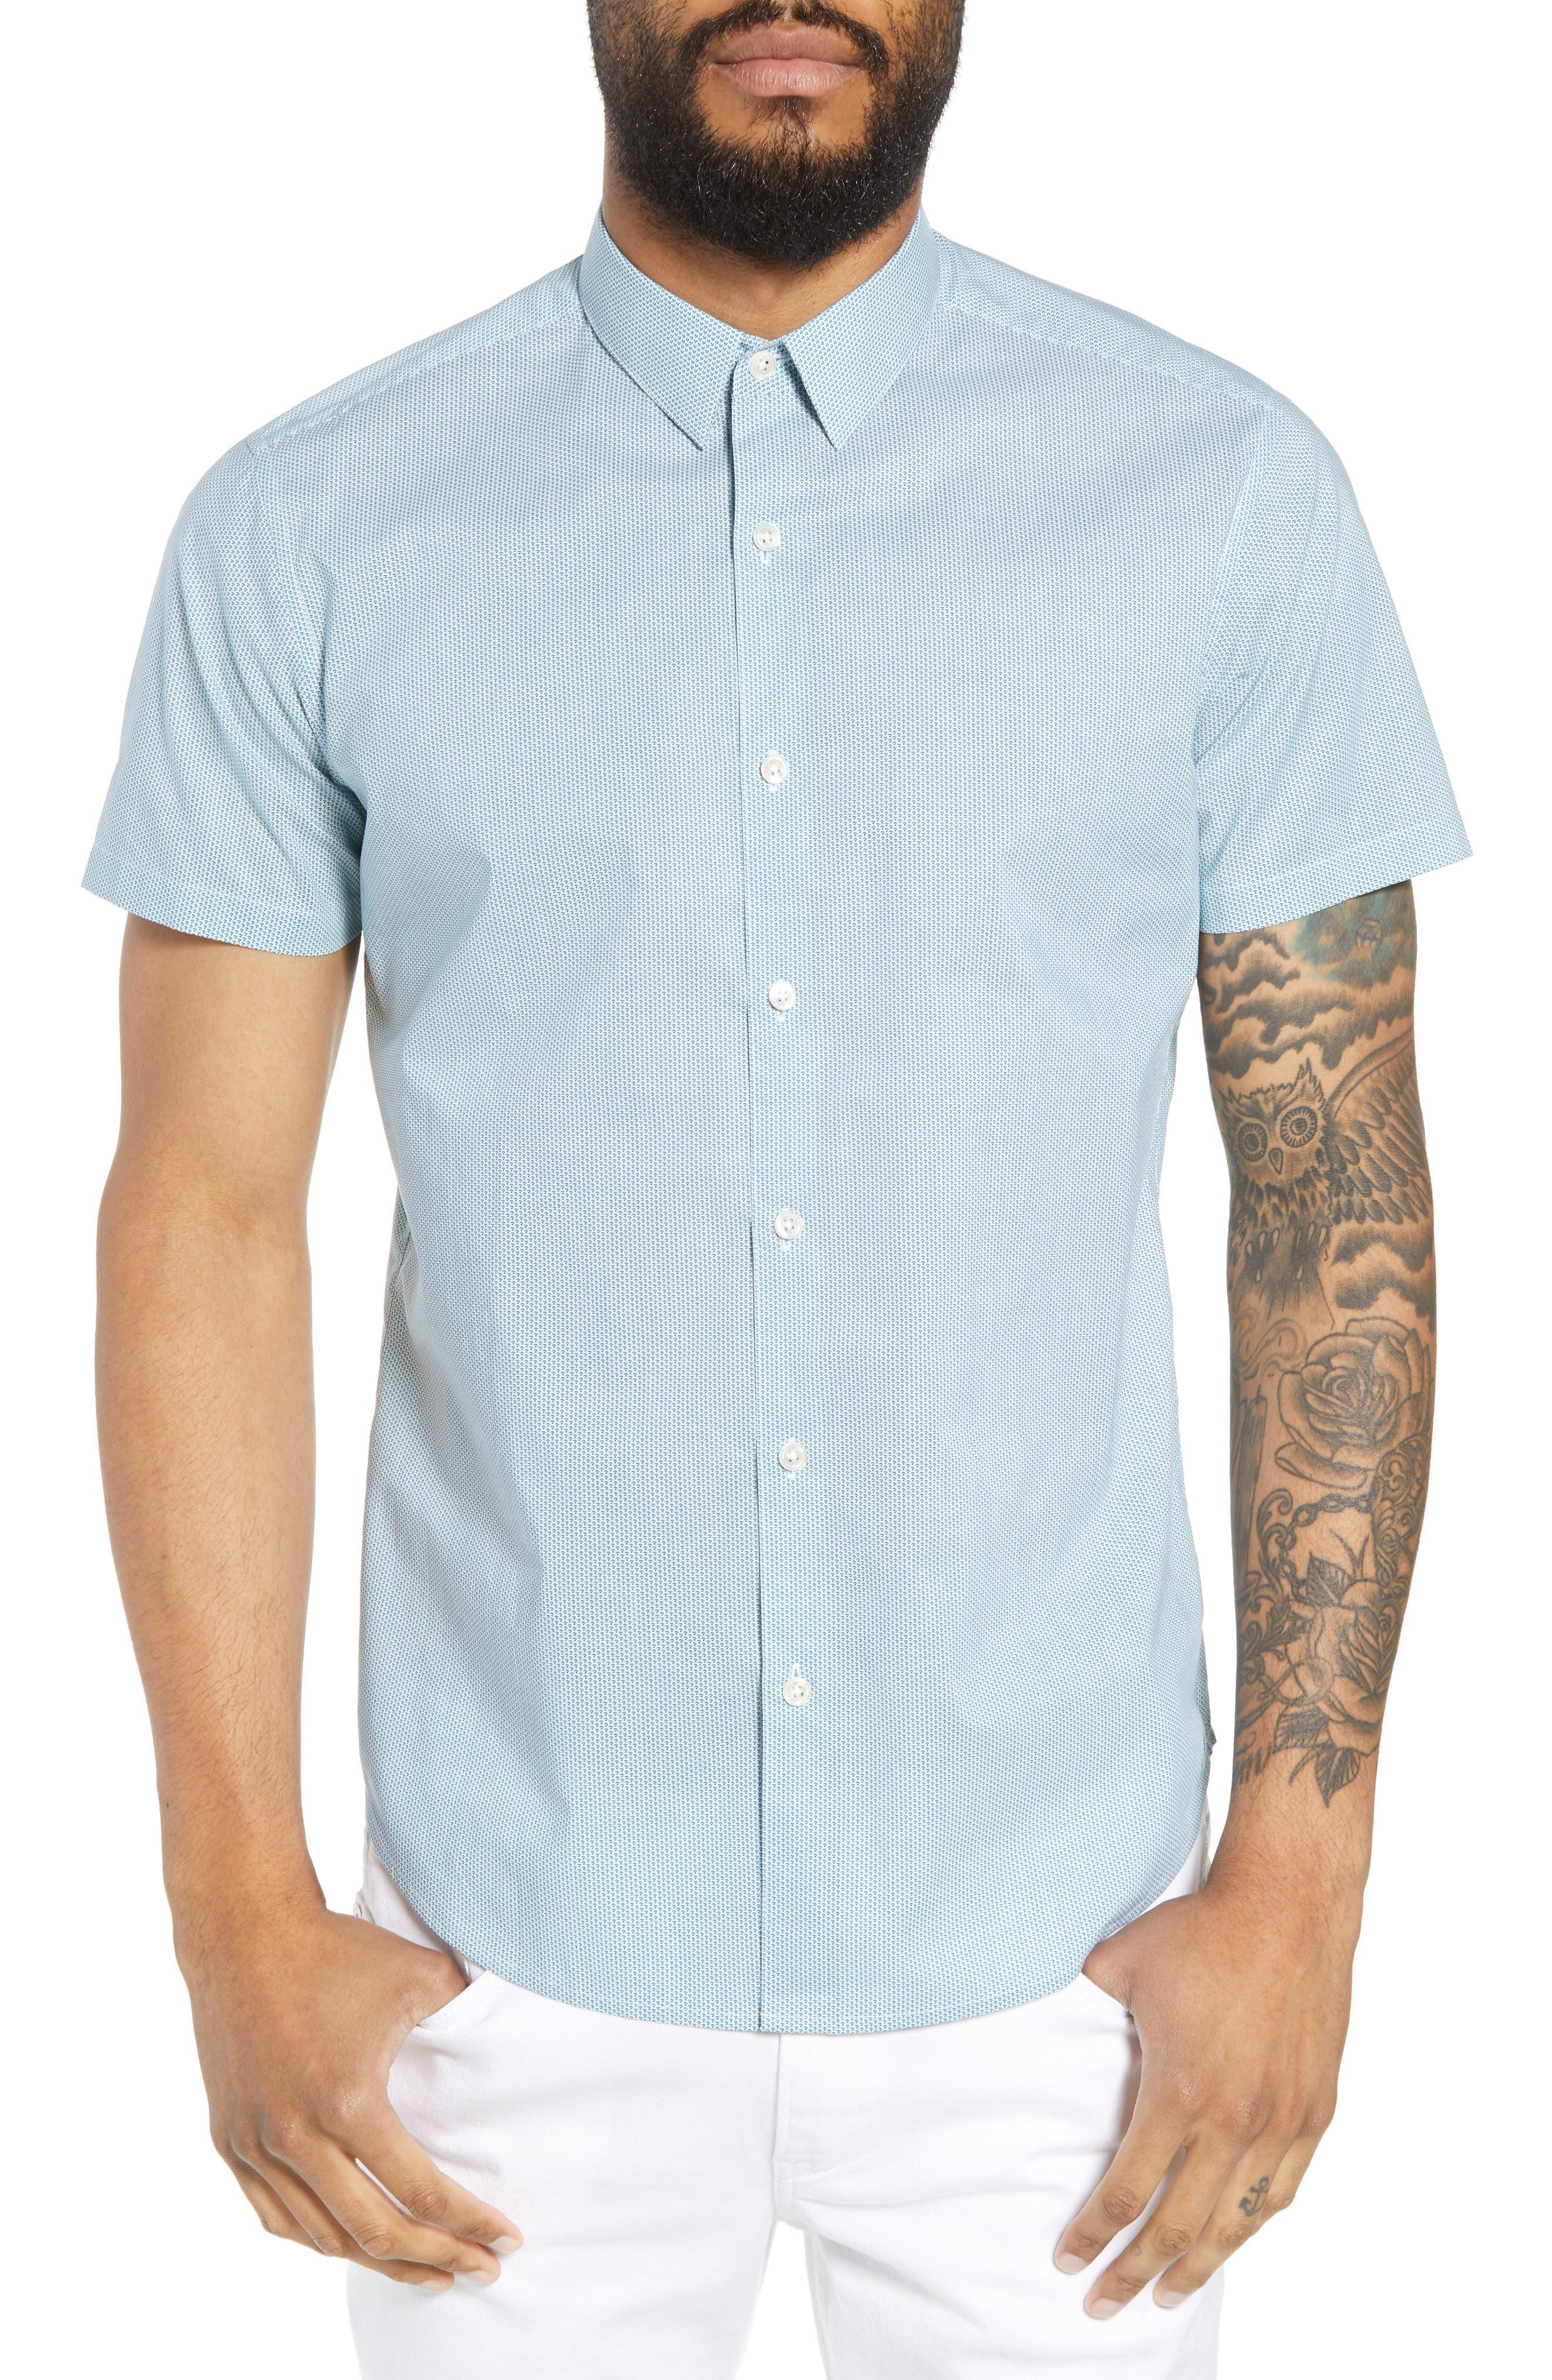 Zack Regular Fit Mini Print Sport Shirt,                             Main thumbnail 1, color,                             White/ Splash